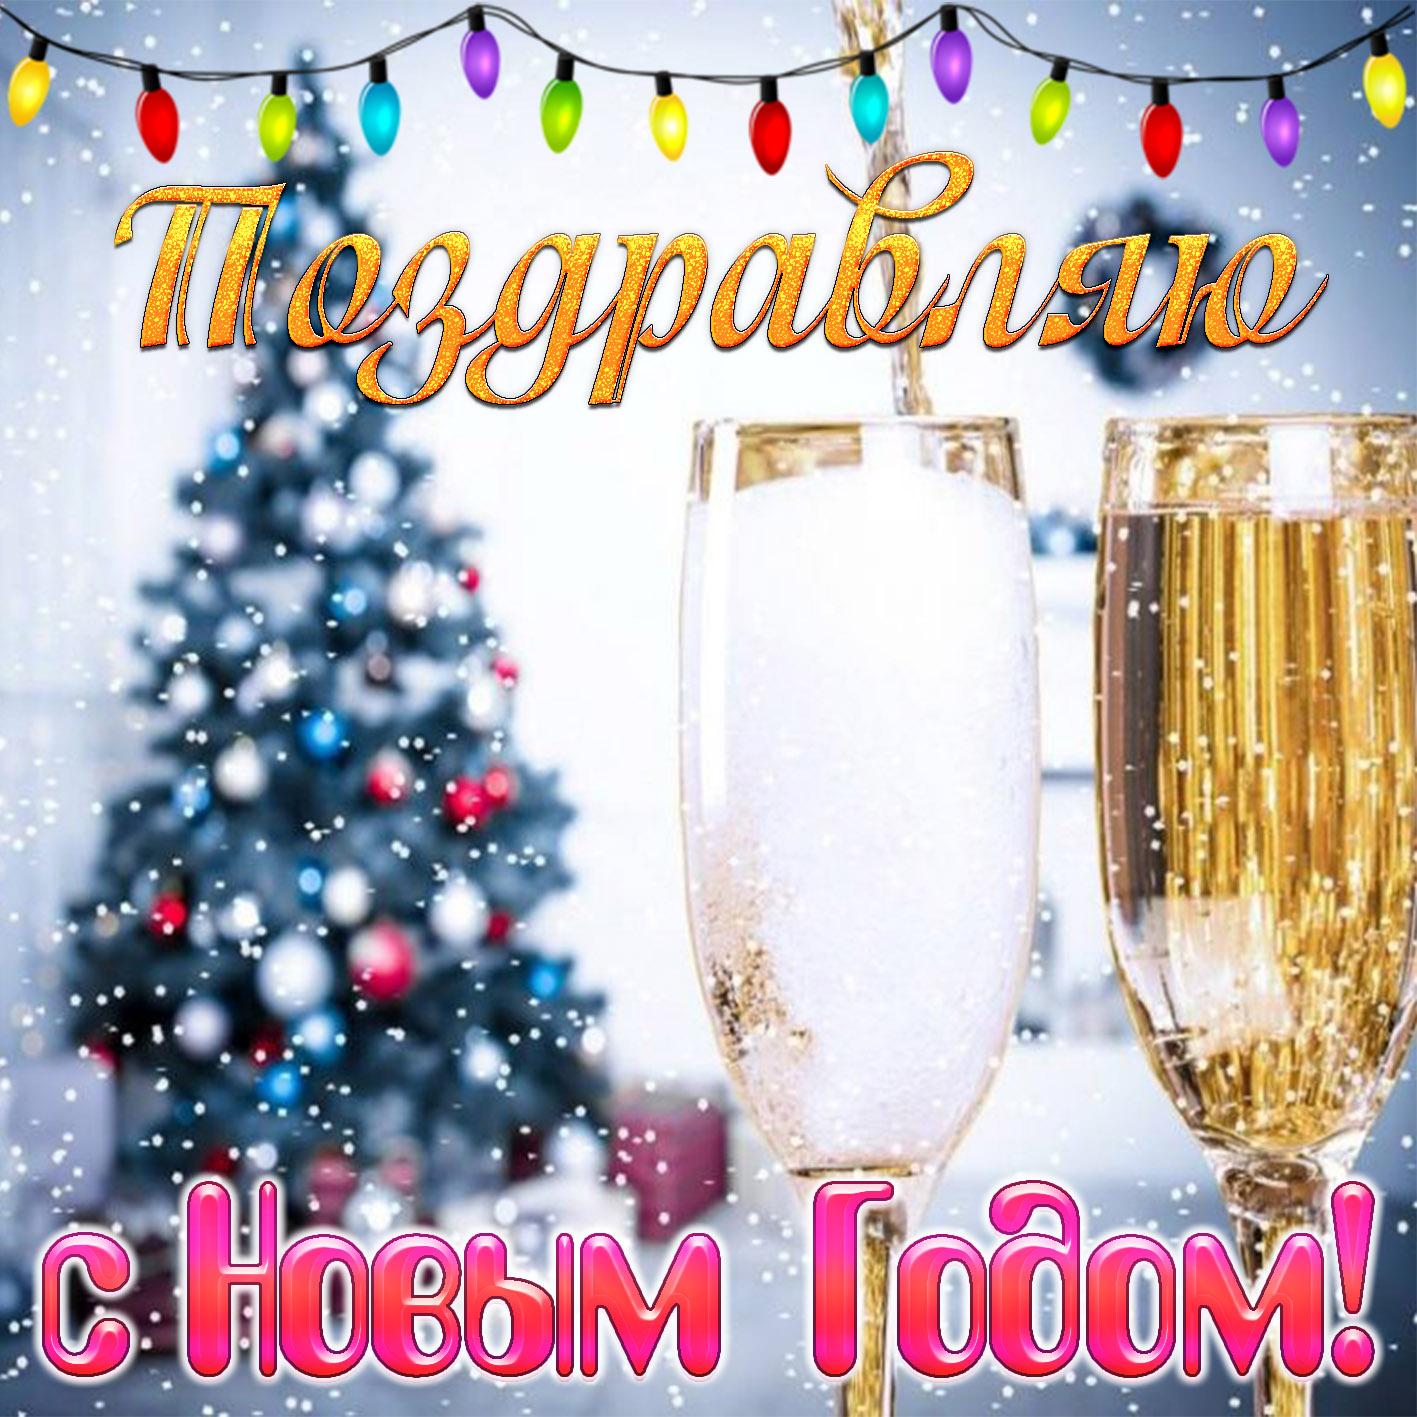 Рядом картинках, онлайн конструктор поздравления с новым годом